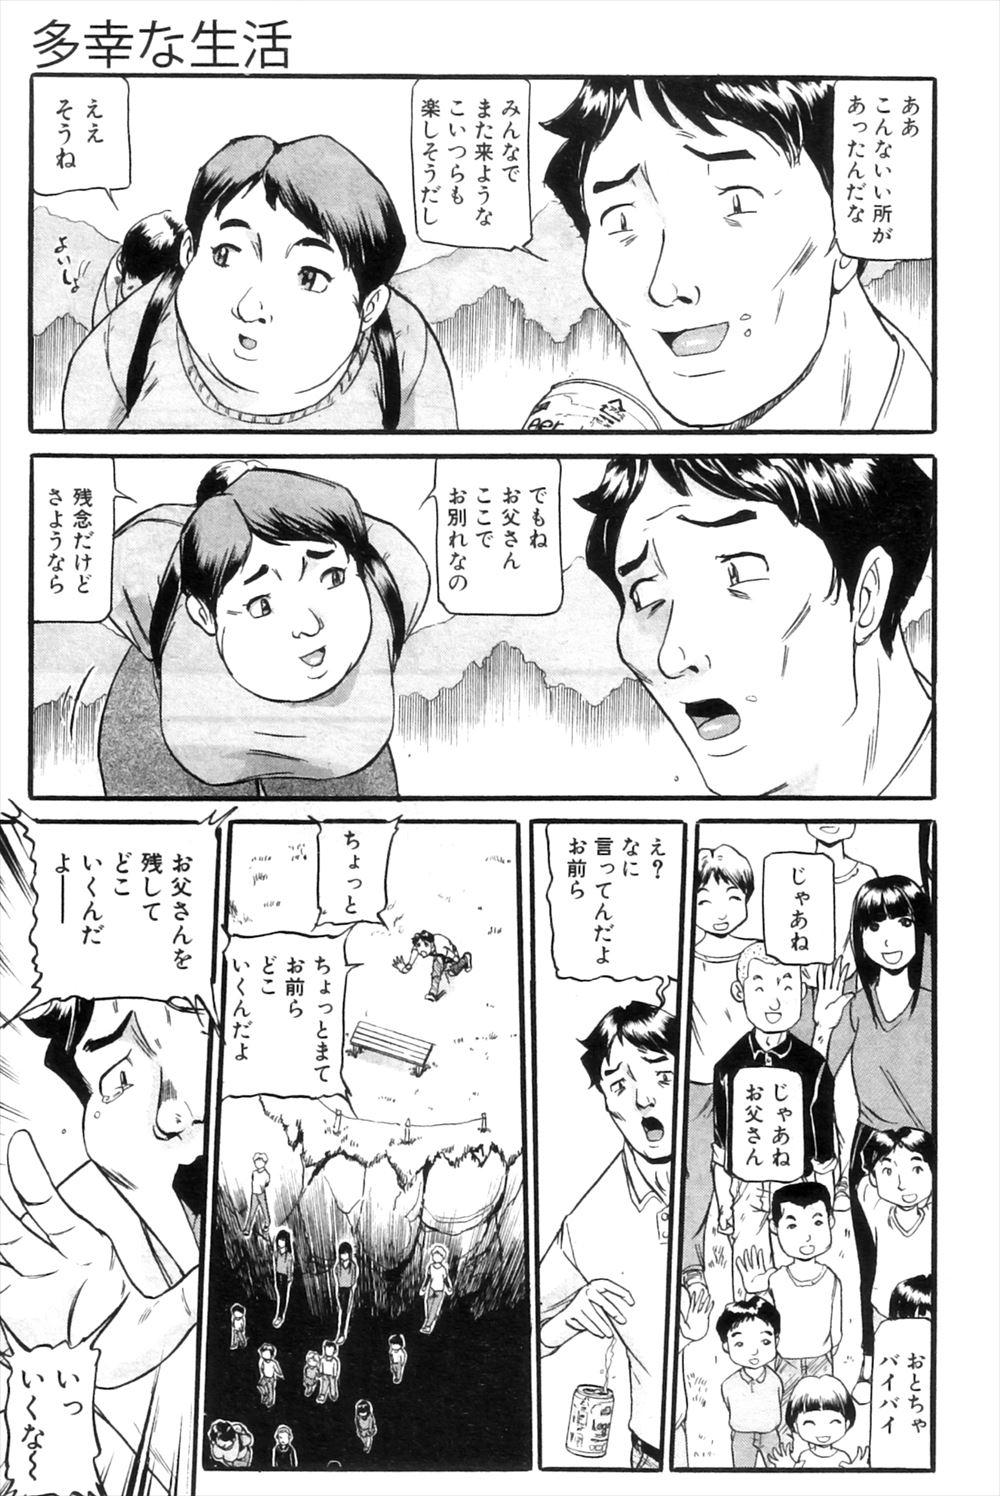 shutchounidekaketachokugonitaisetsunashoruiwowasur